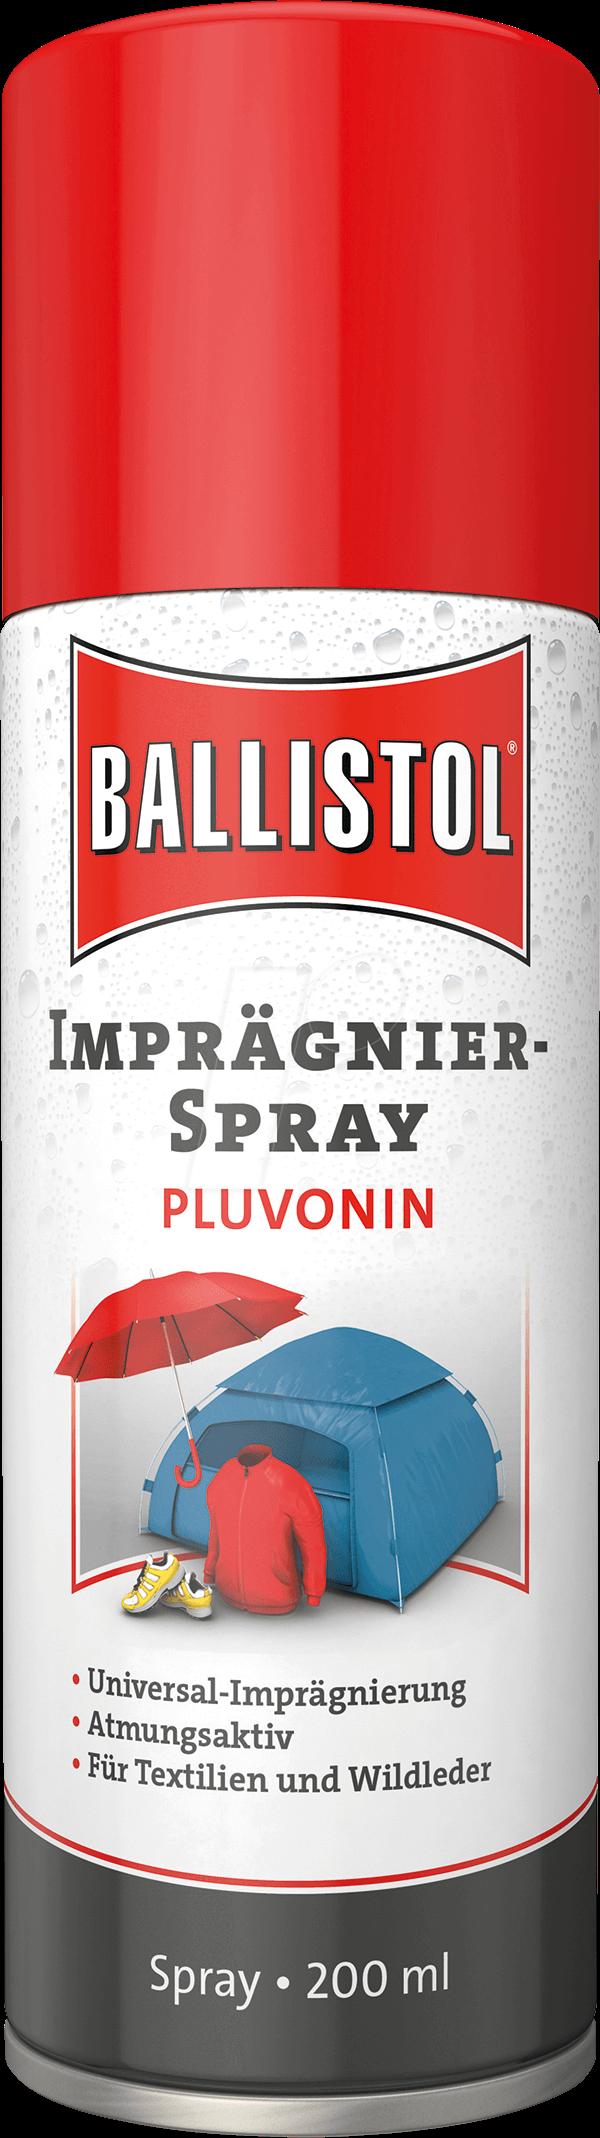 BALL 25000 - Imprägnierspray, Pluvonin, 200 ml, schmutzabweisend